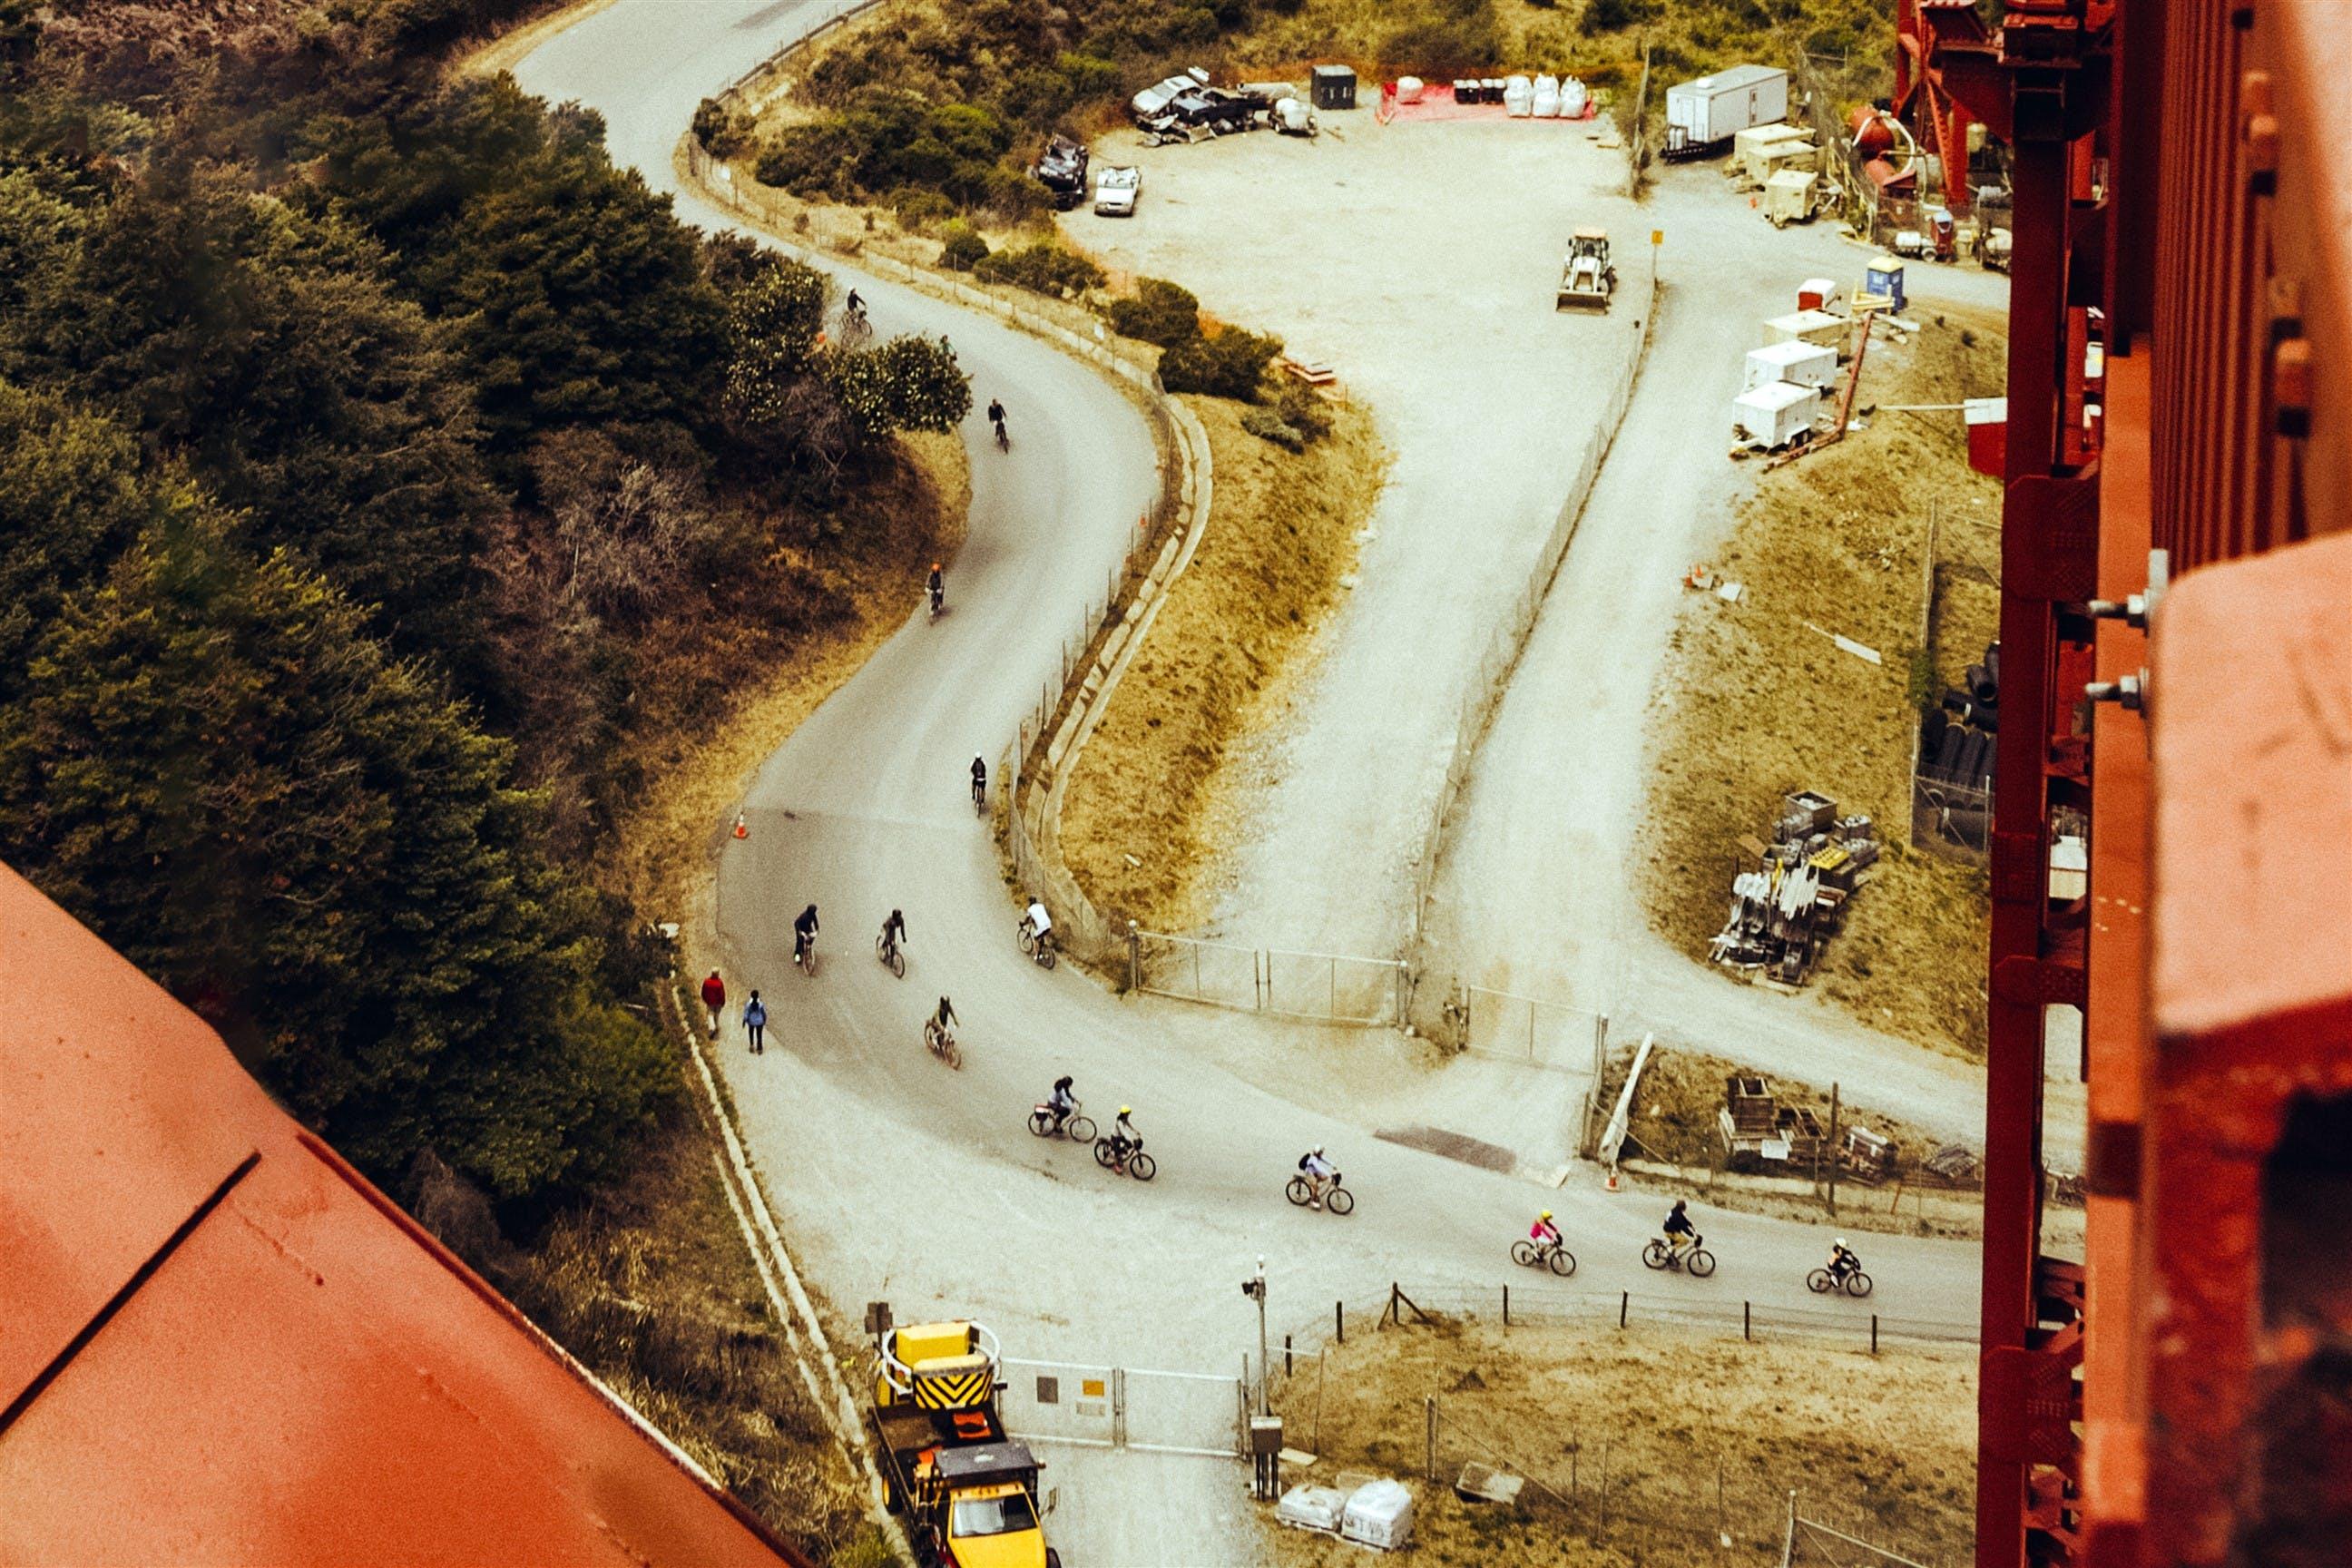 Základová fotografie zdarma na téma cyklisté, denní, jízda na kole, jízdní kola